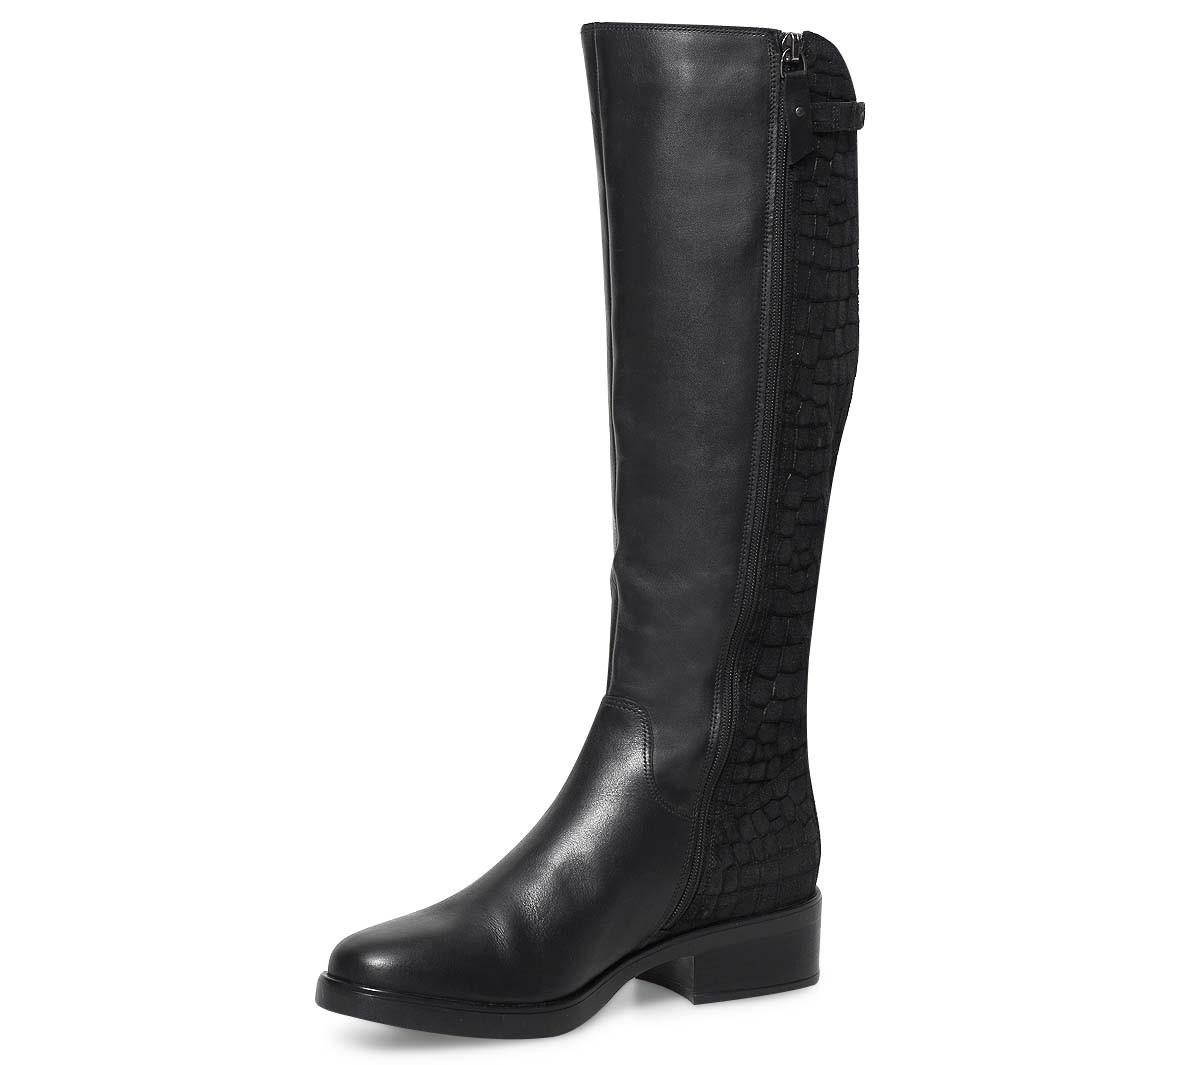 Bottes noires femme cuir